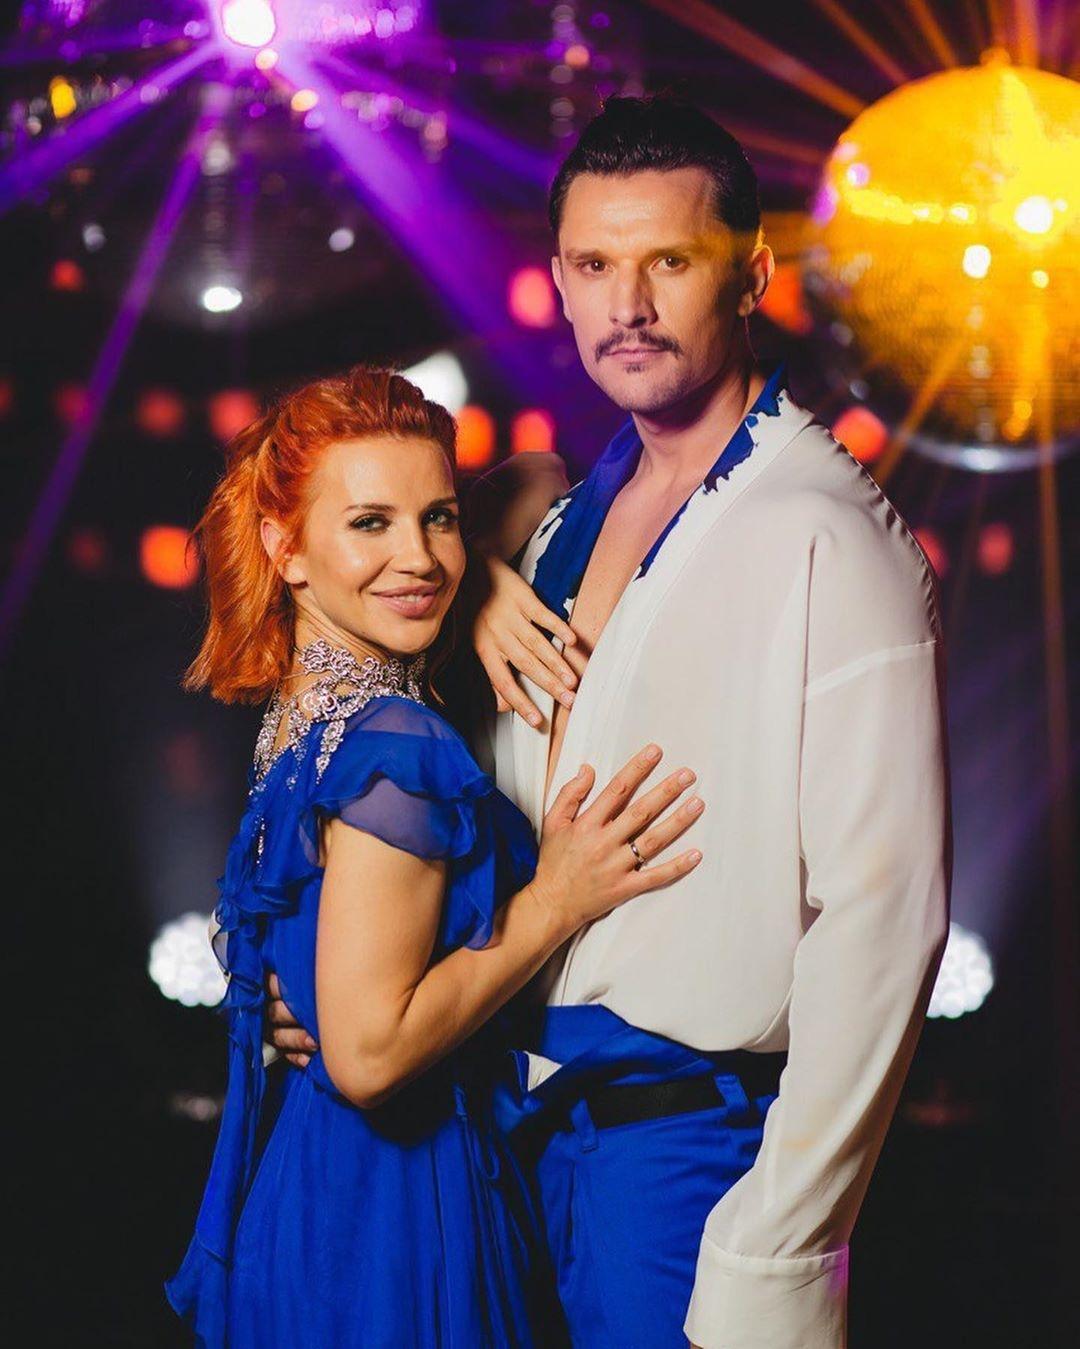 Тарас Цимбалюк и Яна Заяц